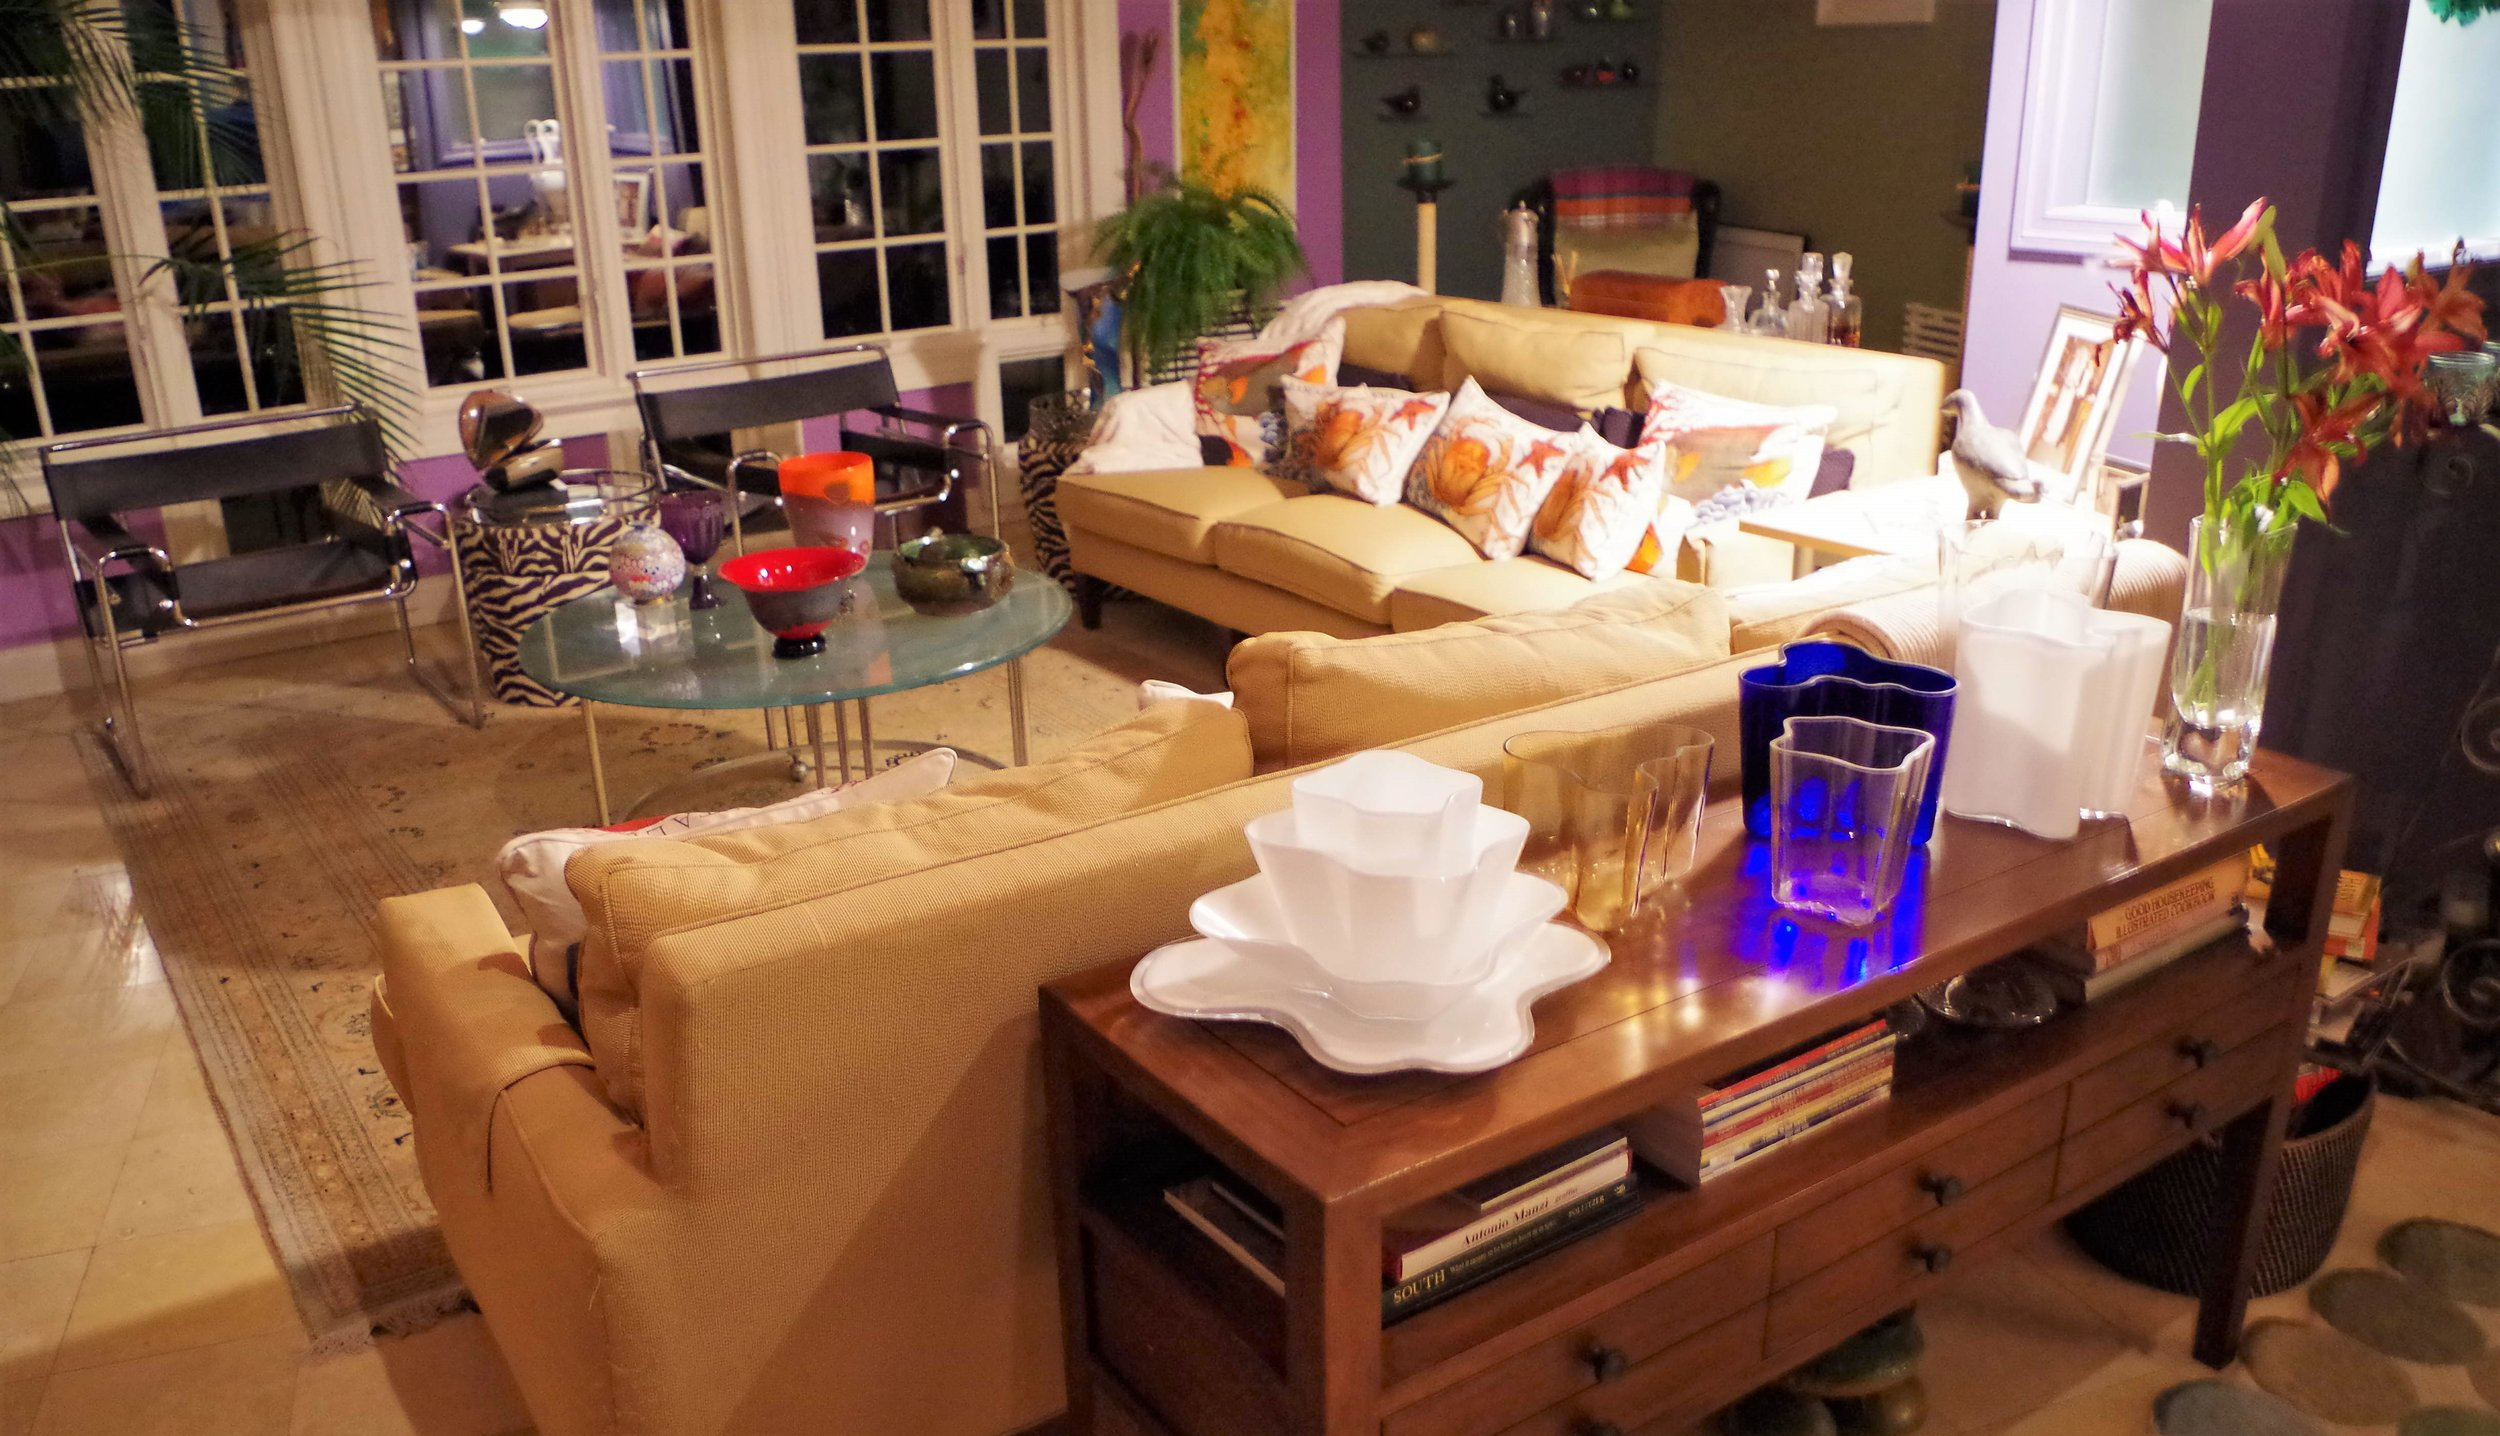 Living Room at night.jpg